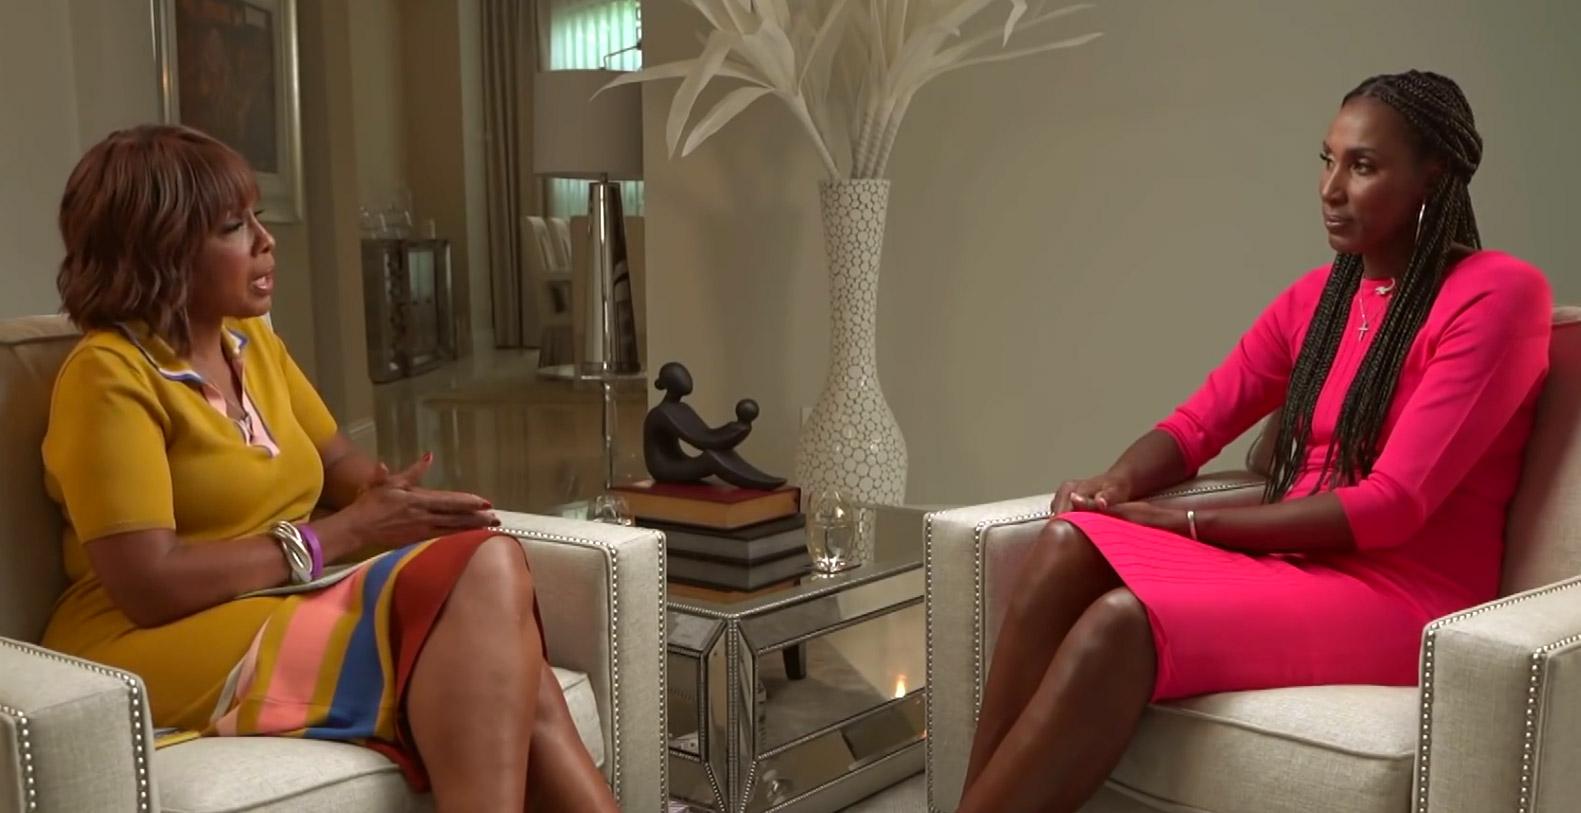 Gayle King interviews Lisa Leslie